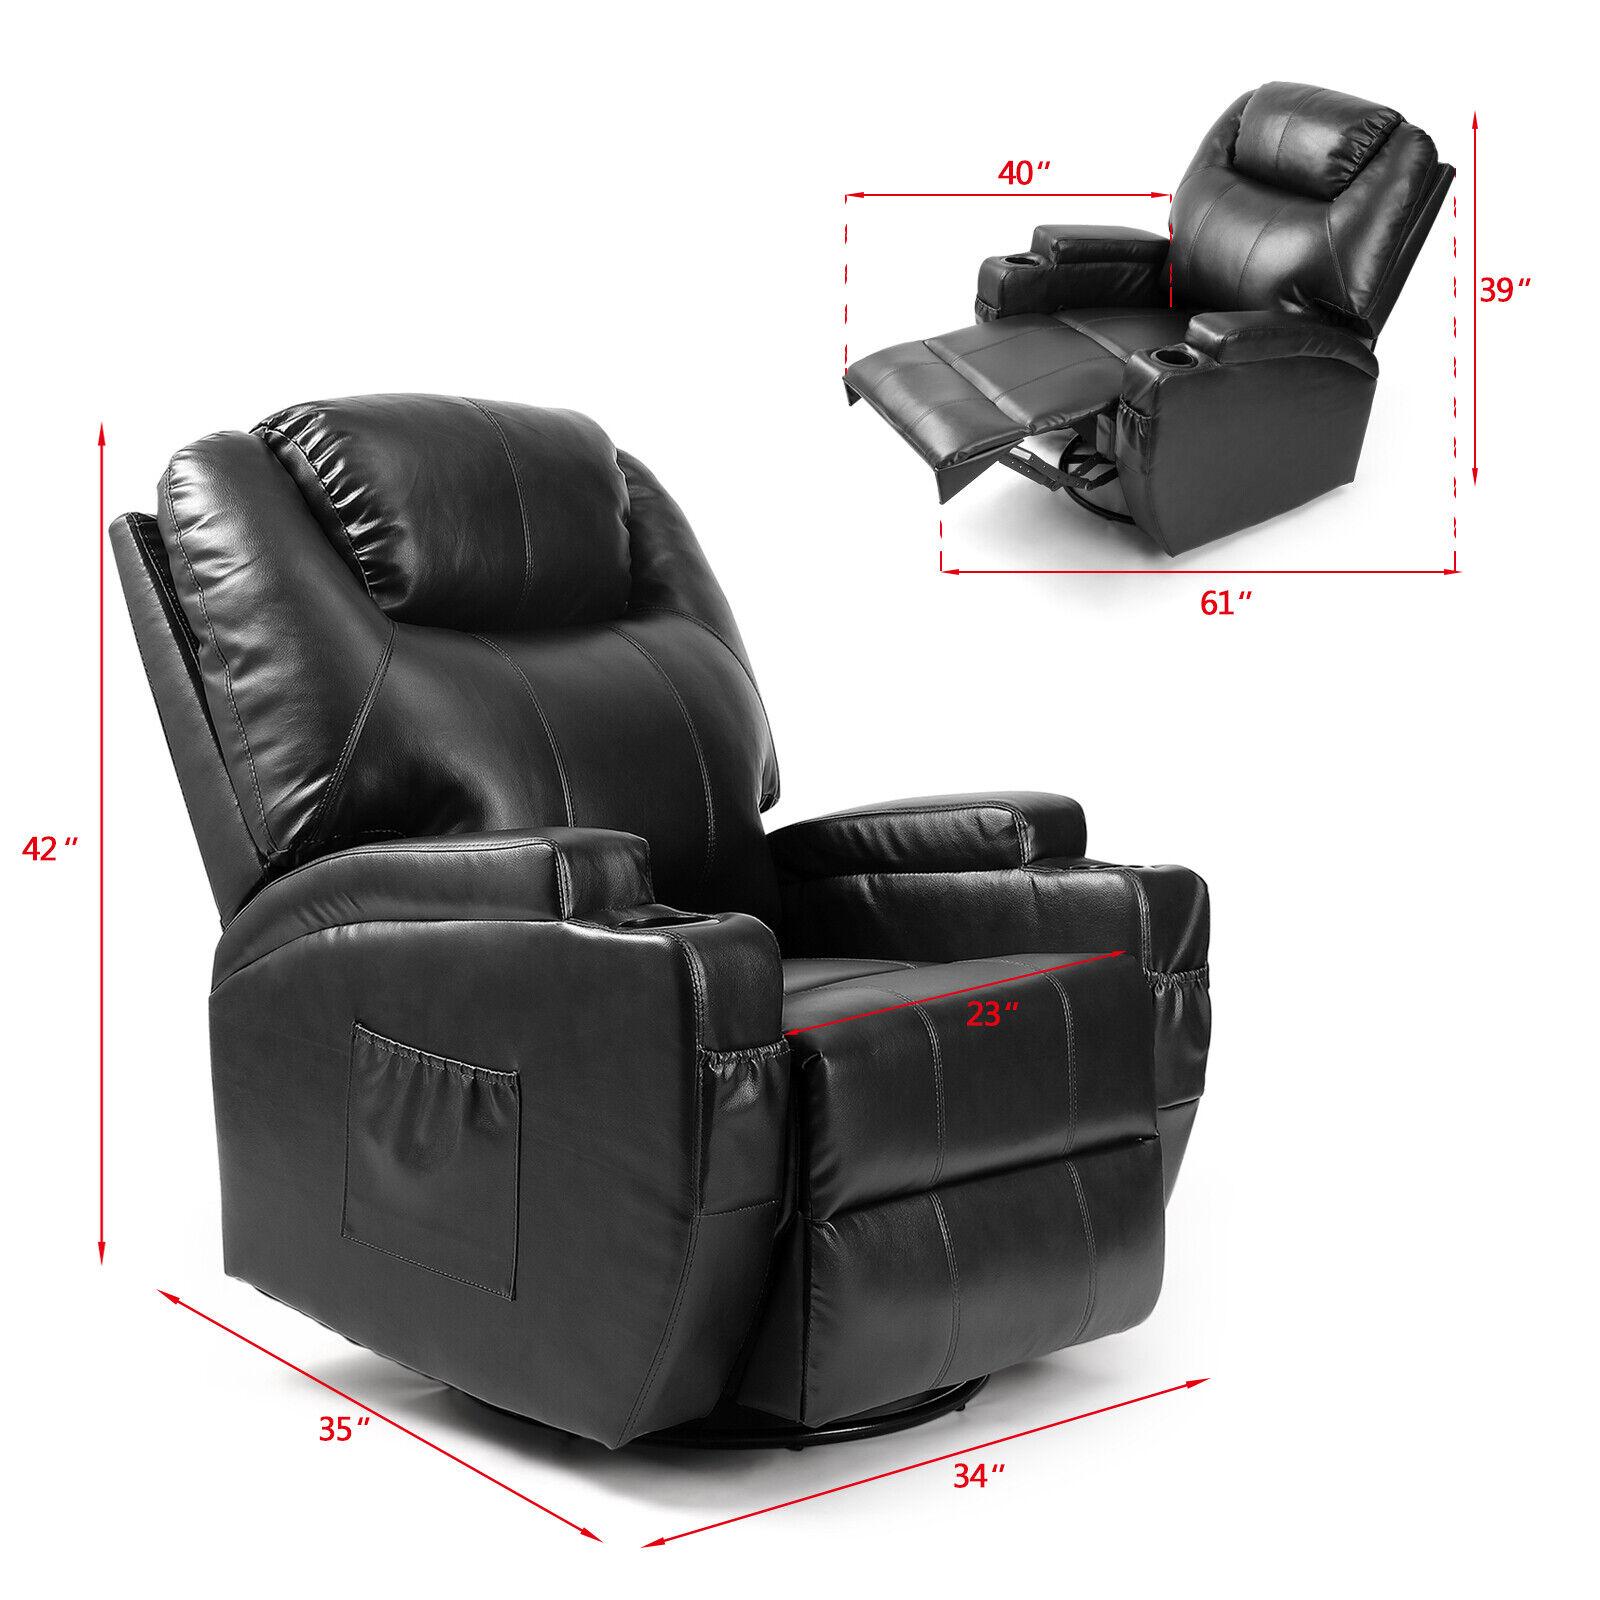 Strange Full Body Massage Recliner Chair Leather Vibrating Heat Lounge 3600 Swivel Black Short Links Chair Design For Home Short Linksinfo